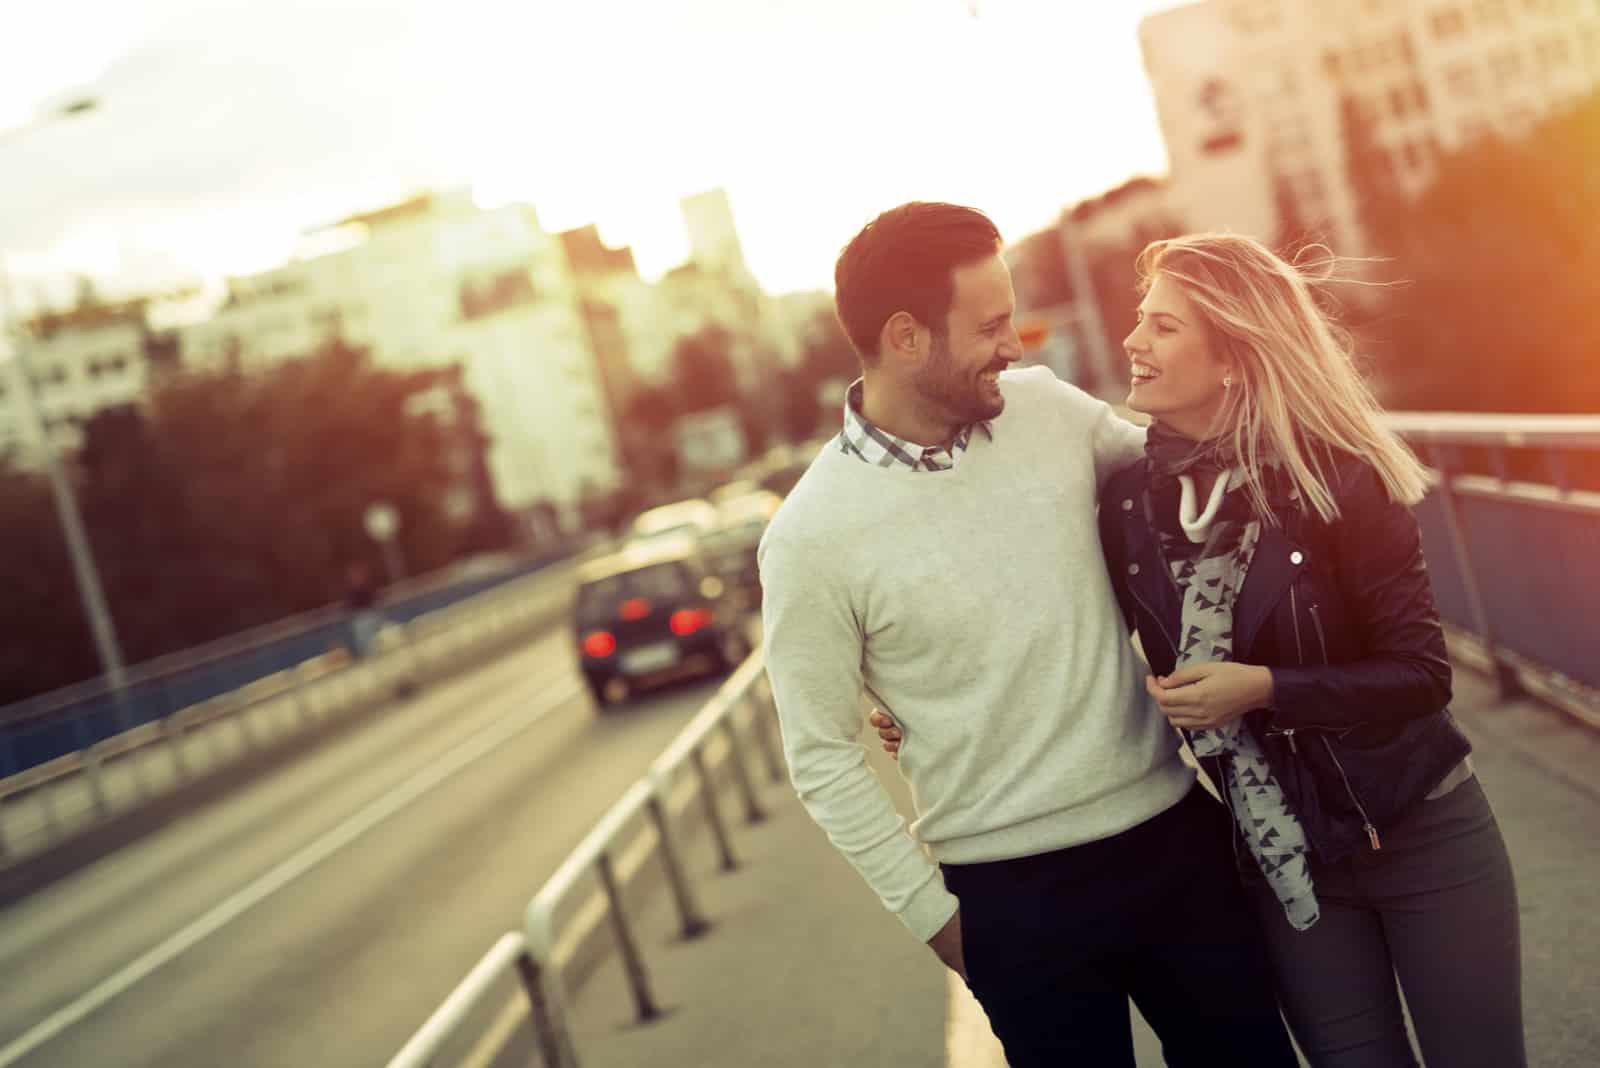 Glückliches Touristenpaar, das verliebt ist, zu reisen und sich zu verbinden